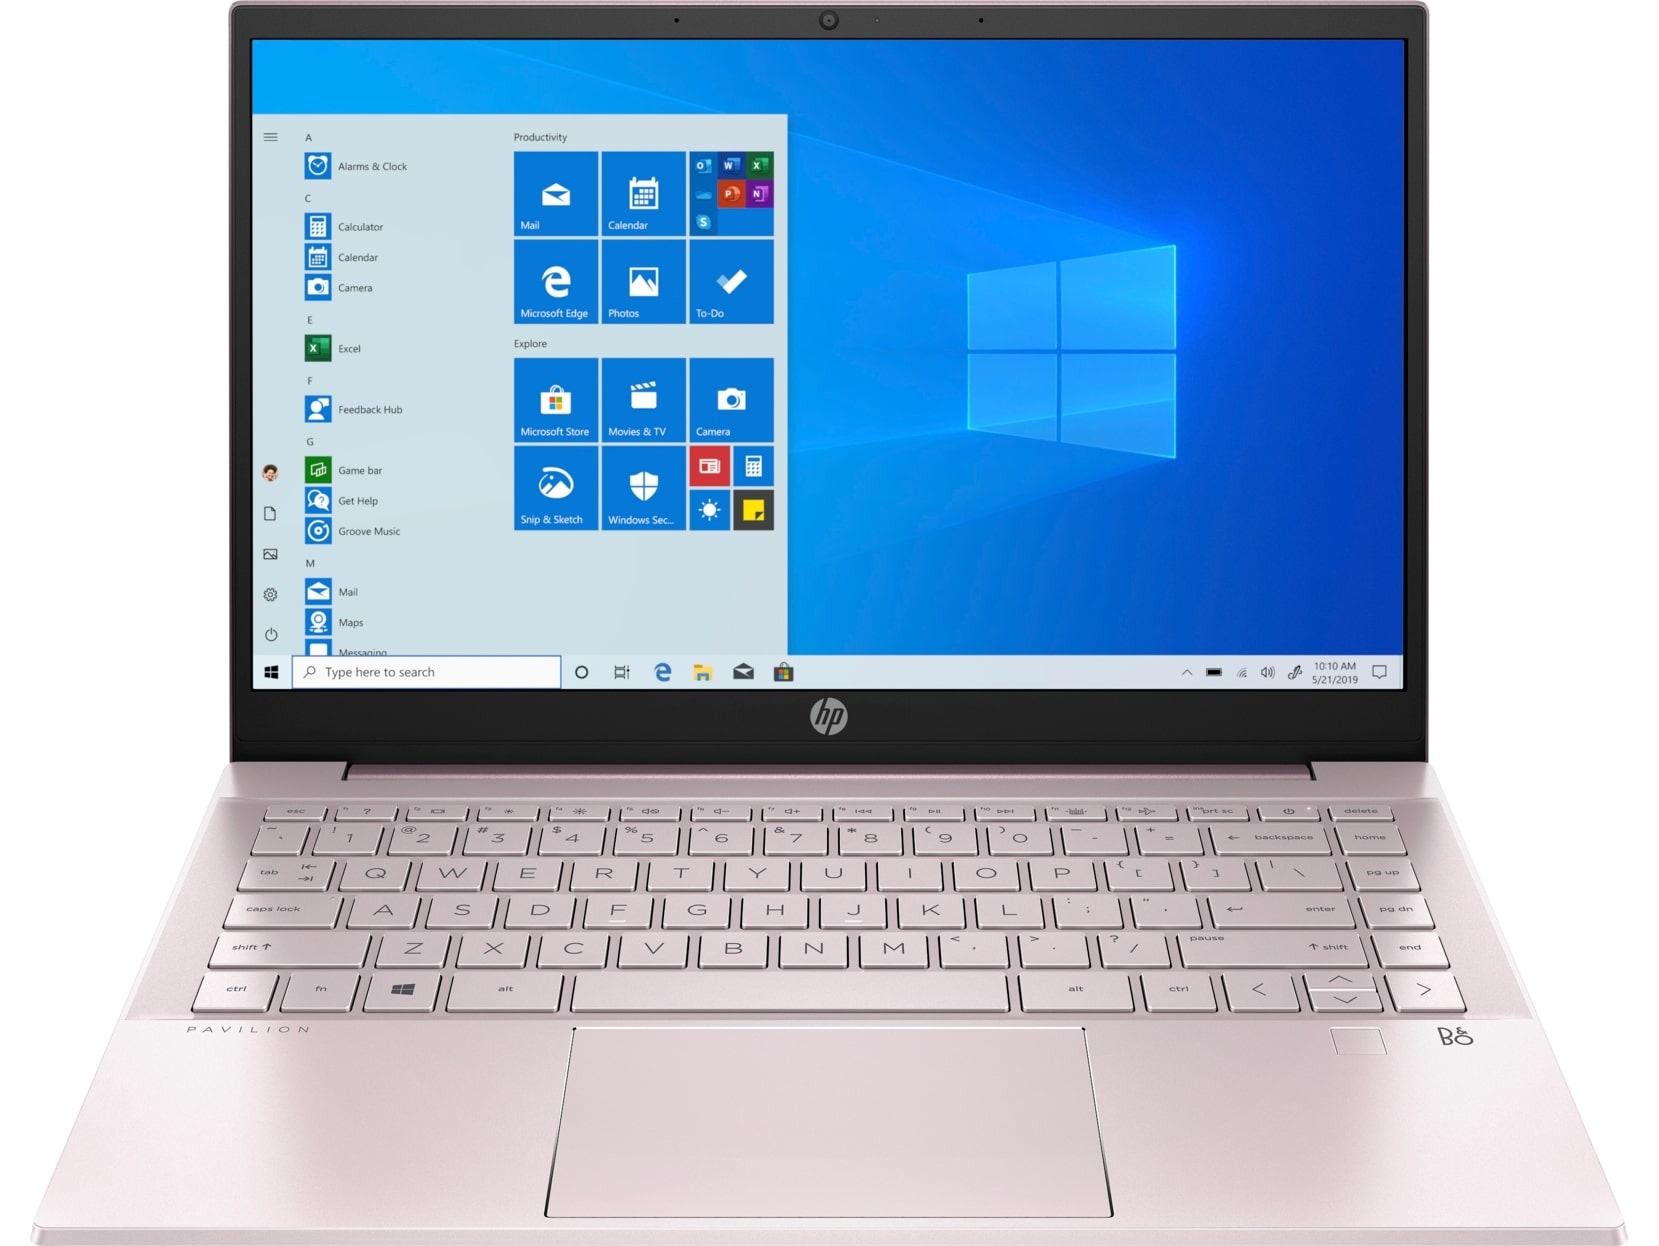 HP Pavilion 14-dv0530nd -14 inch Laptop